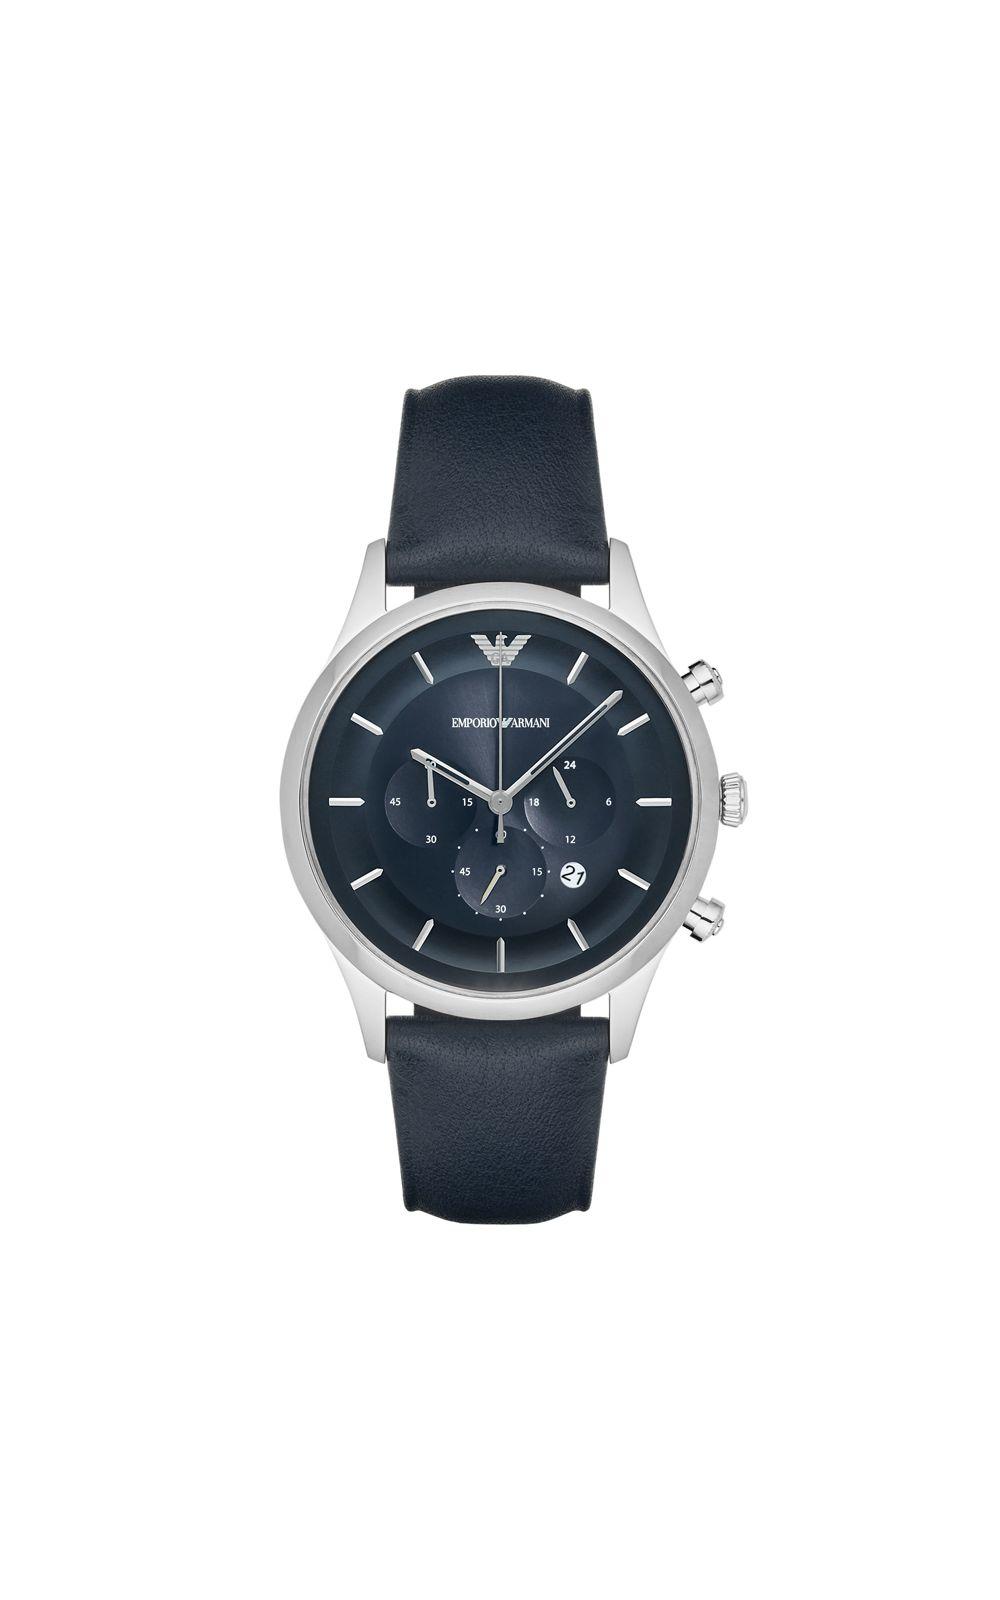 39e2b6db286 Relógio Emporio Armani Masculino Lambda - AR11018 0AN. undefined